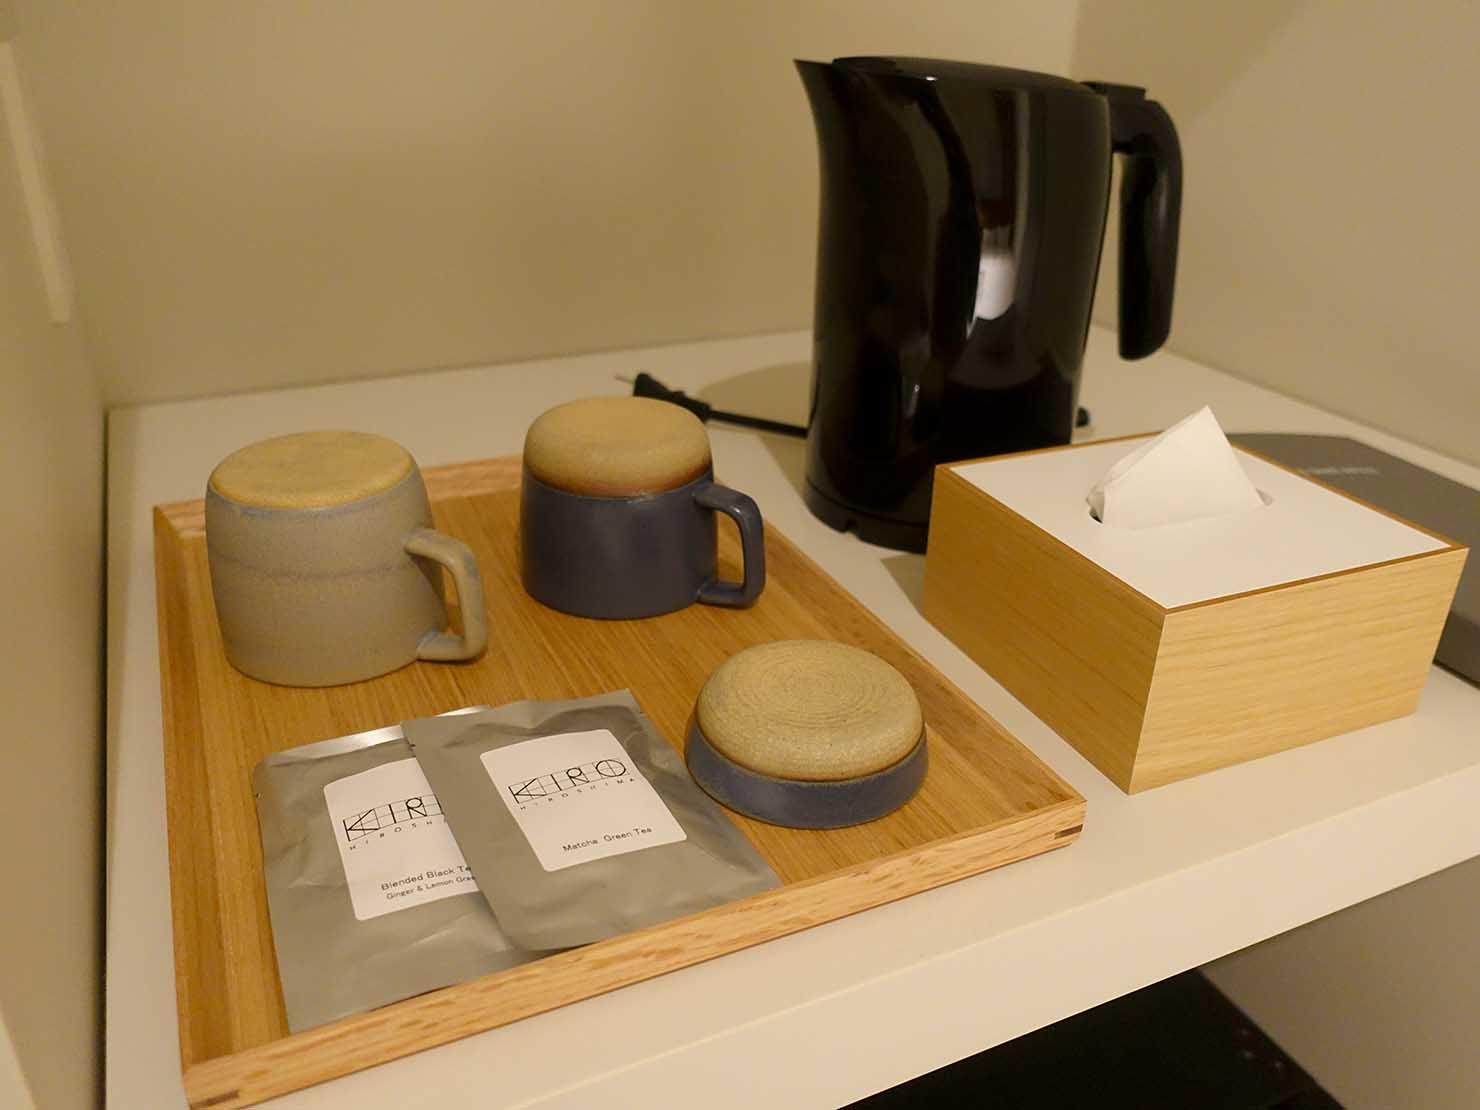 広島・八丁堀のおしゃれなリノベホテル「KIRO広島 The Share Hotels」コンパクトダブルに準備されたティーバッグ